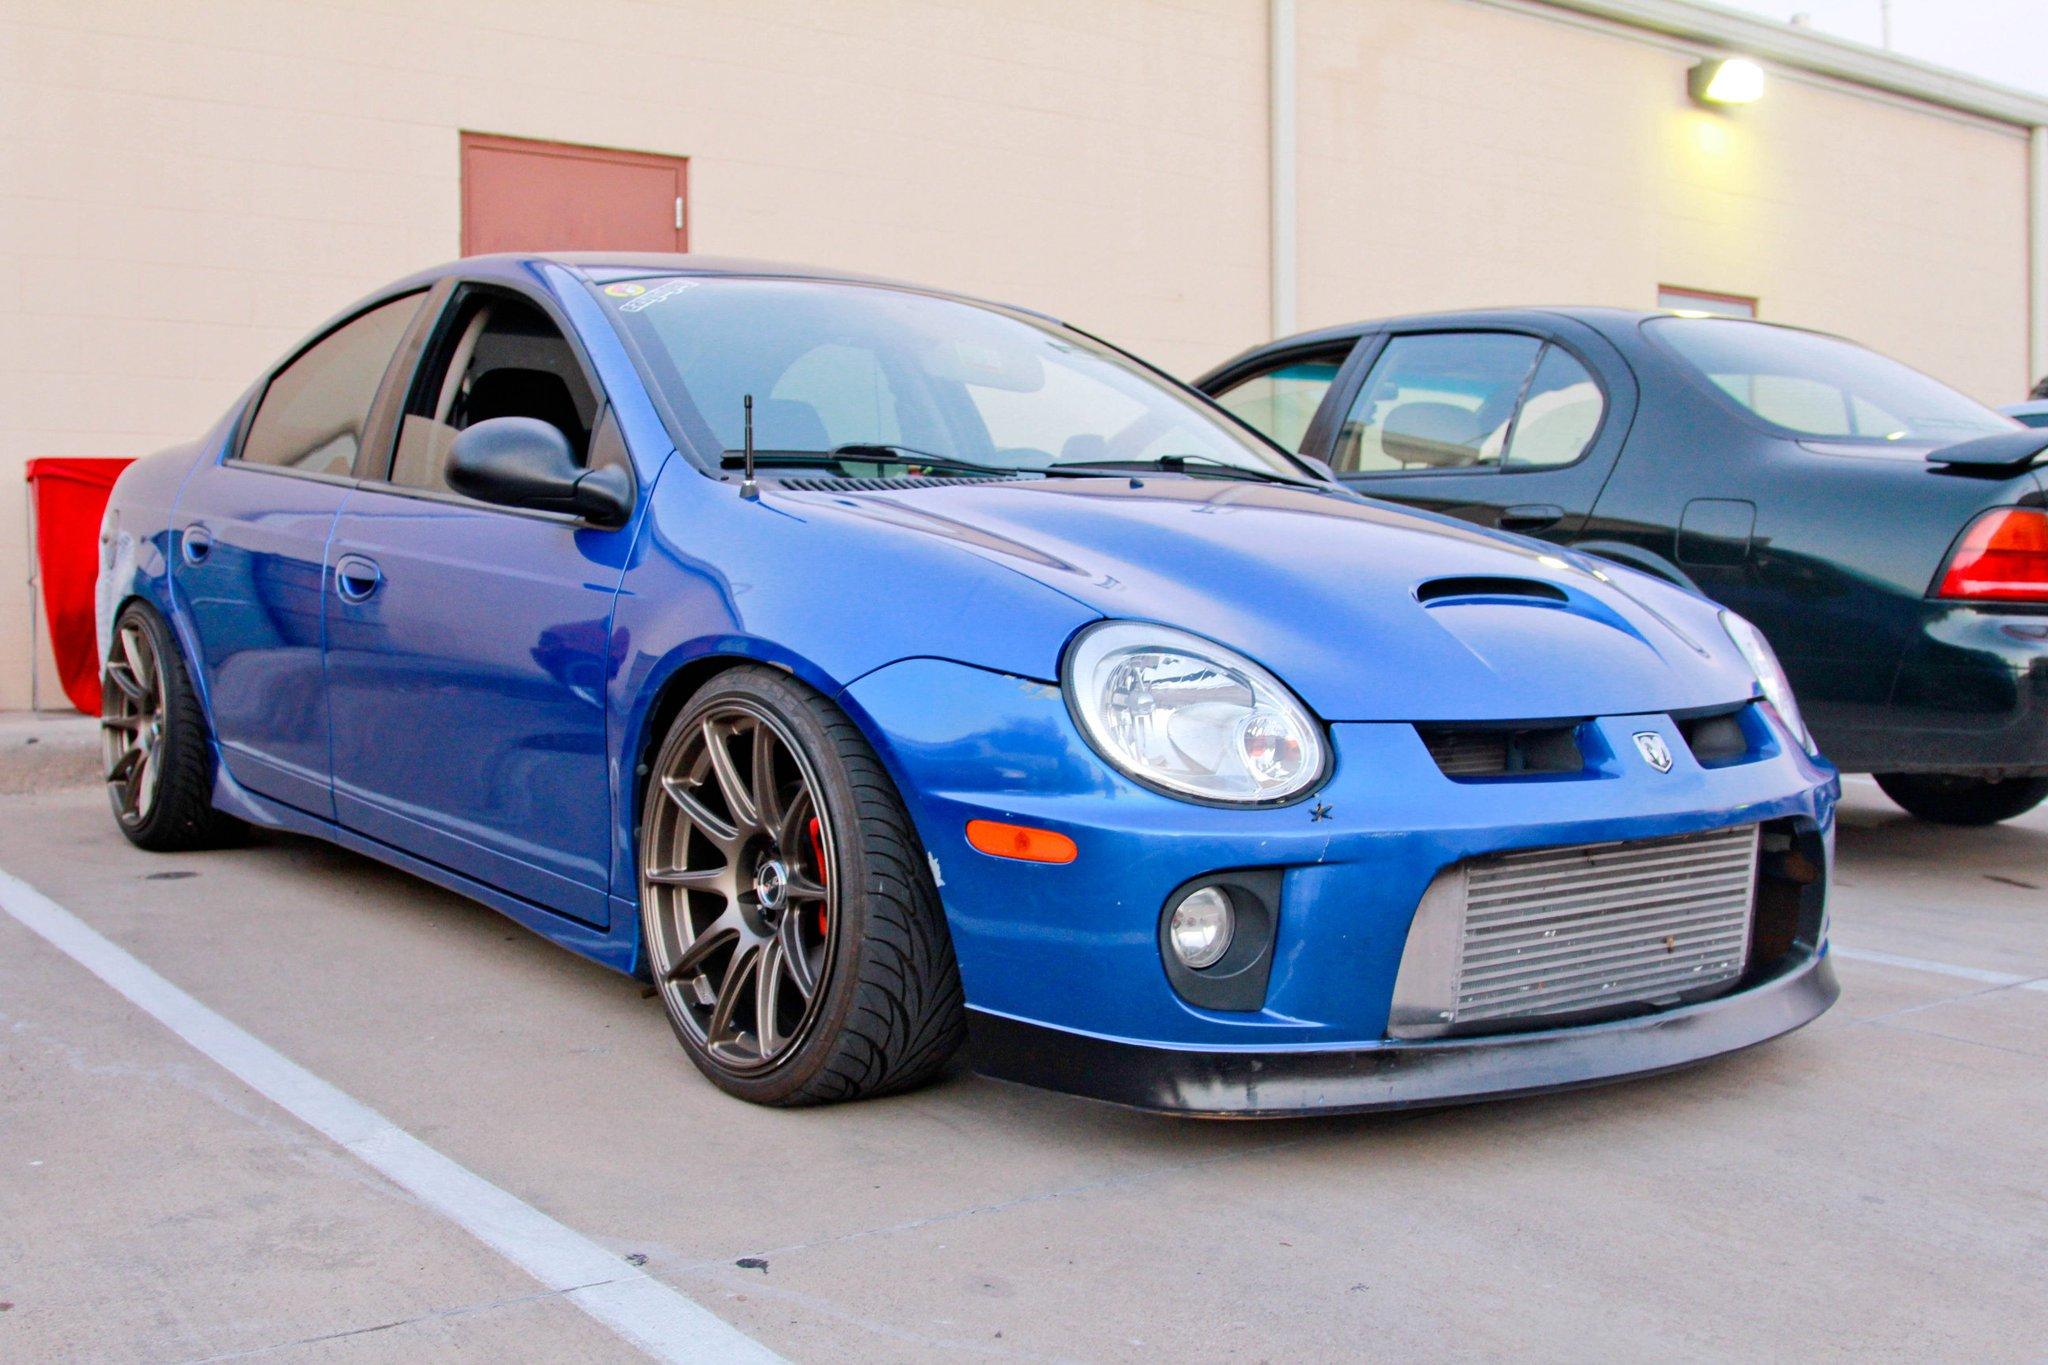 Xxr 527 New Rim For 2011 Page 17 Dodge Srt Forum